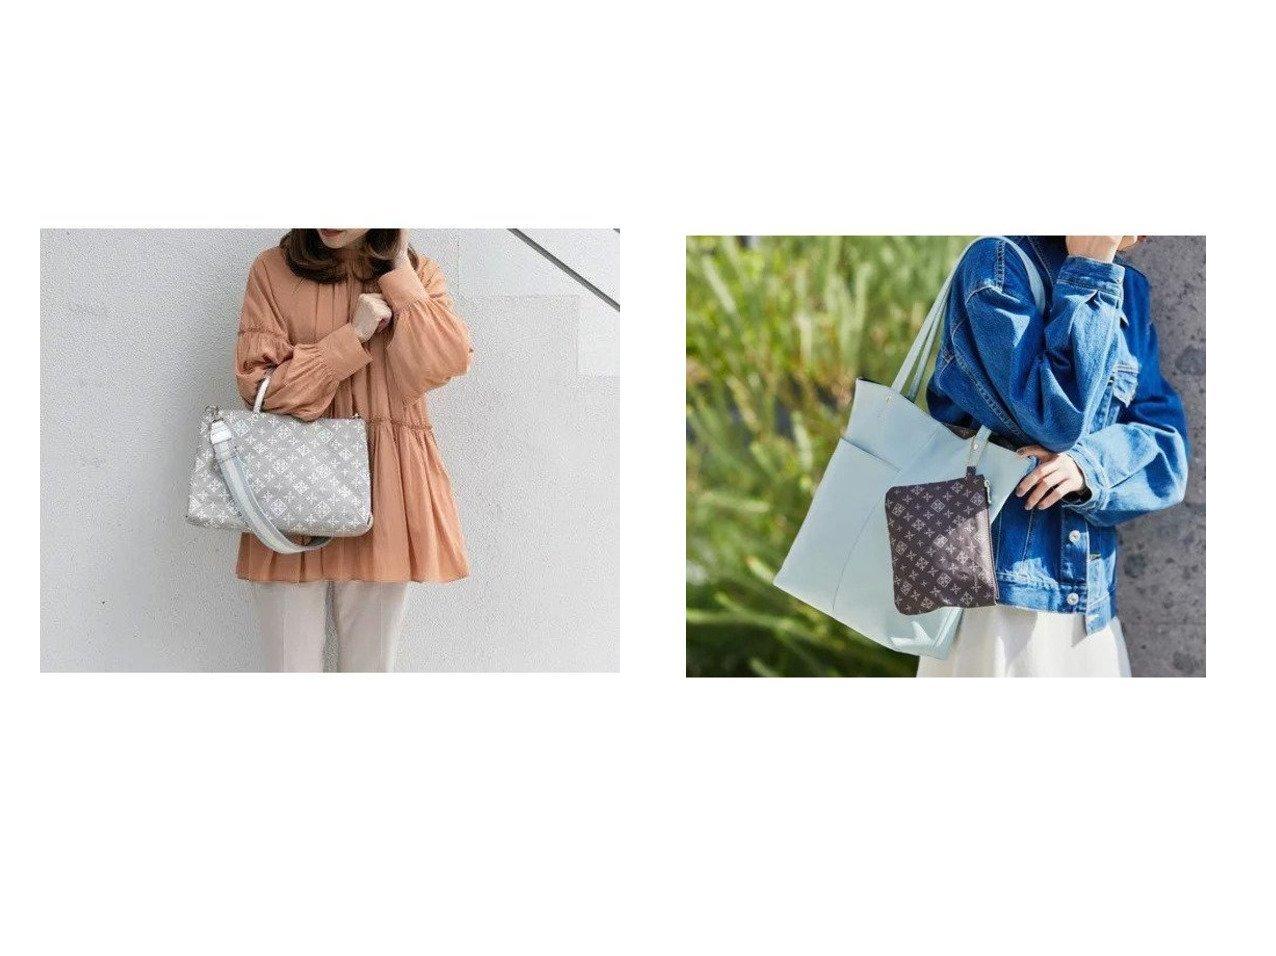 【russet/ラシット】のショッパートートバッグ【コットンジャガード】(CE-925)&ソフトレザートートバッグ(CE-922) バッグ・鞄のおすすめ!人気、トレンド・レディースファッションの通販 おすすめで人気の流行・トレンド、ファッションの通販商品 メンズファッション・キッズファッション・インテリア・家具・レディースファッション・服の通販 founy(ファニー) https://founy.com/ ファッション Fashion レディースファッション WOMEN バッグ Bag アシンメトリー ポケット ポーチ モノトーン アイビー 今季 軽量 ショルダー シルバー トラベル 定番 Standard フォルム マグネット  ID:crp329100000014488